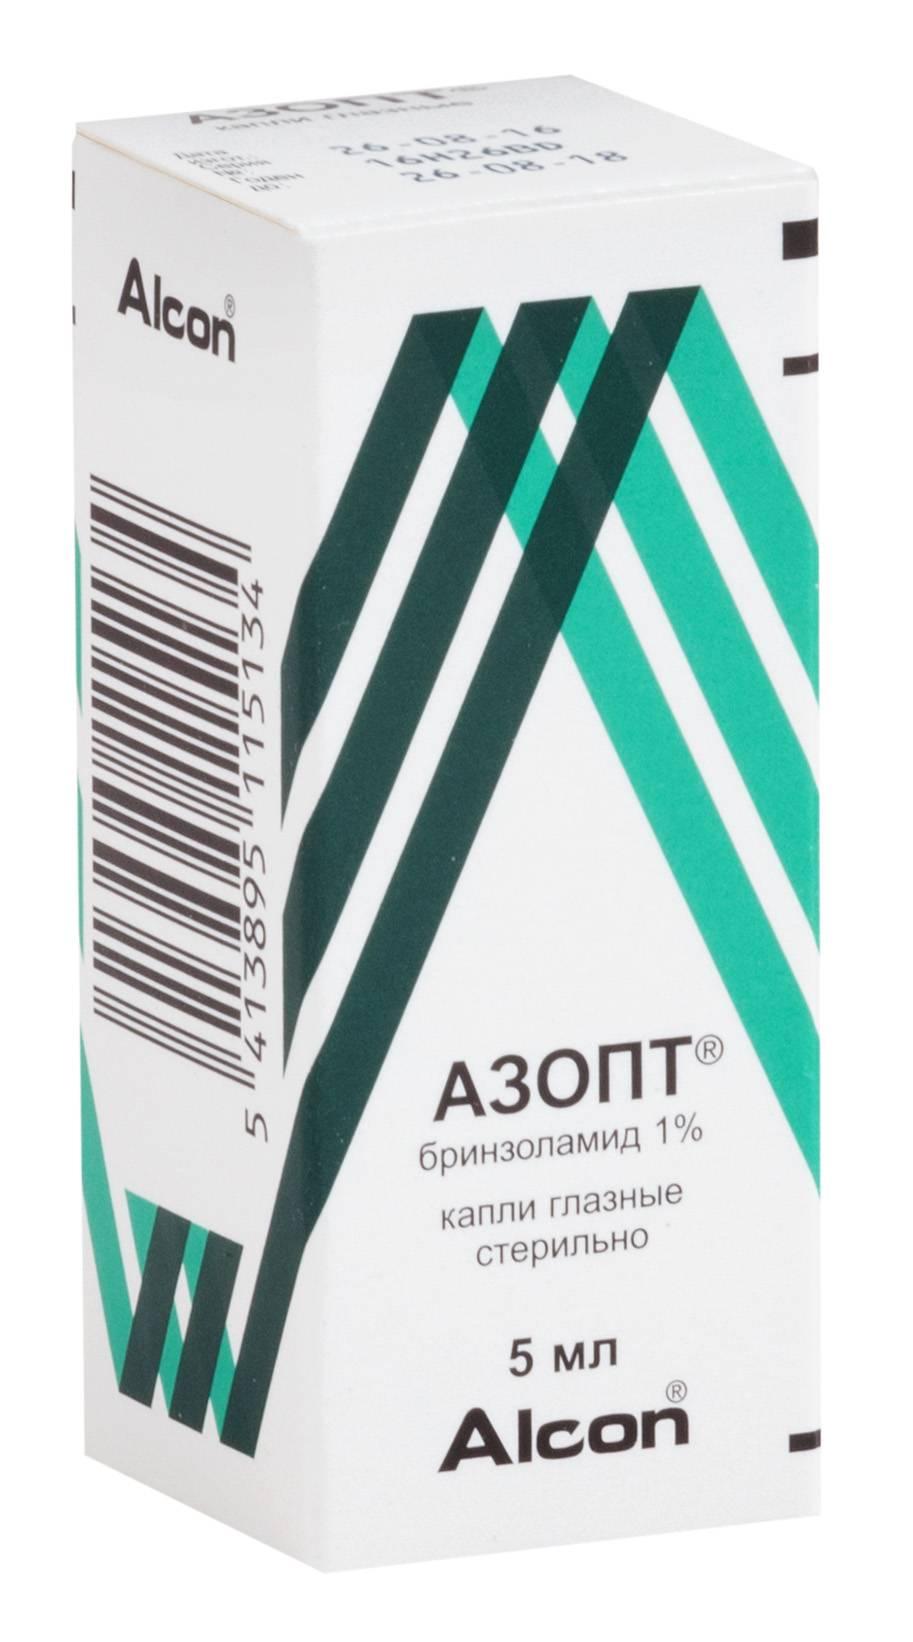 Глазные капли бримонидин: инструкция по применению, аналоги oculistic.ru